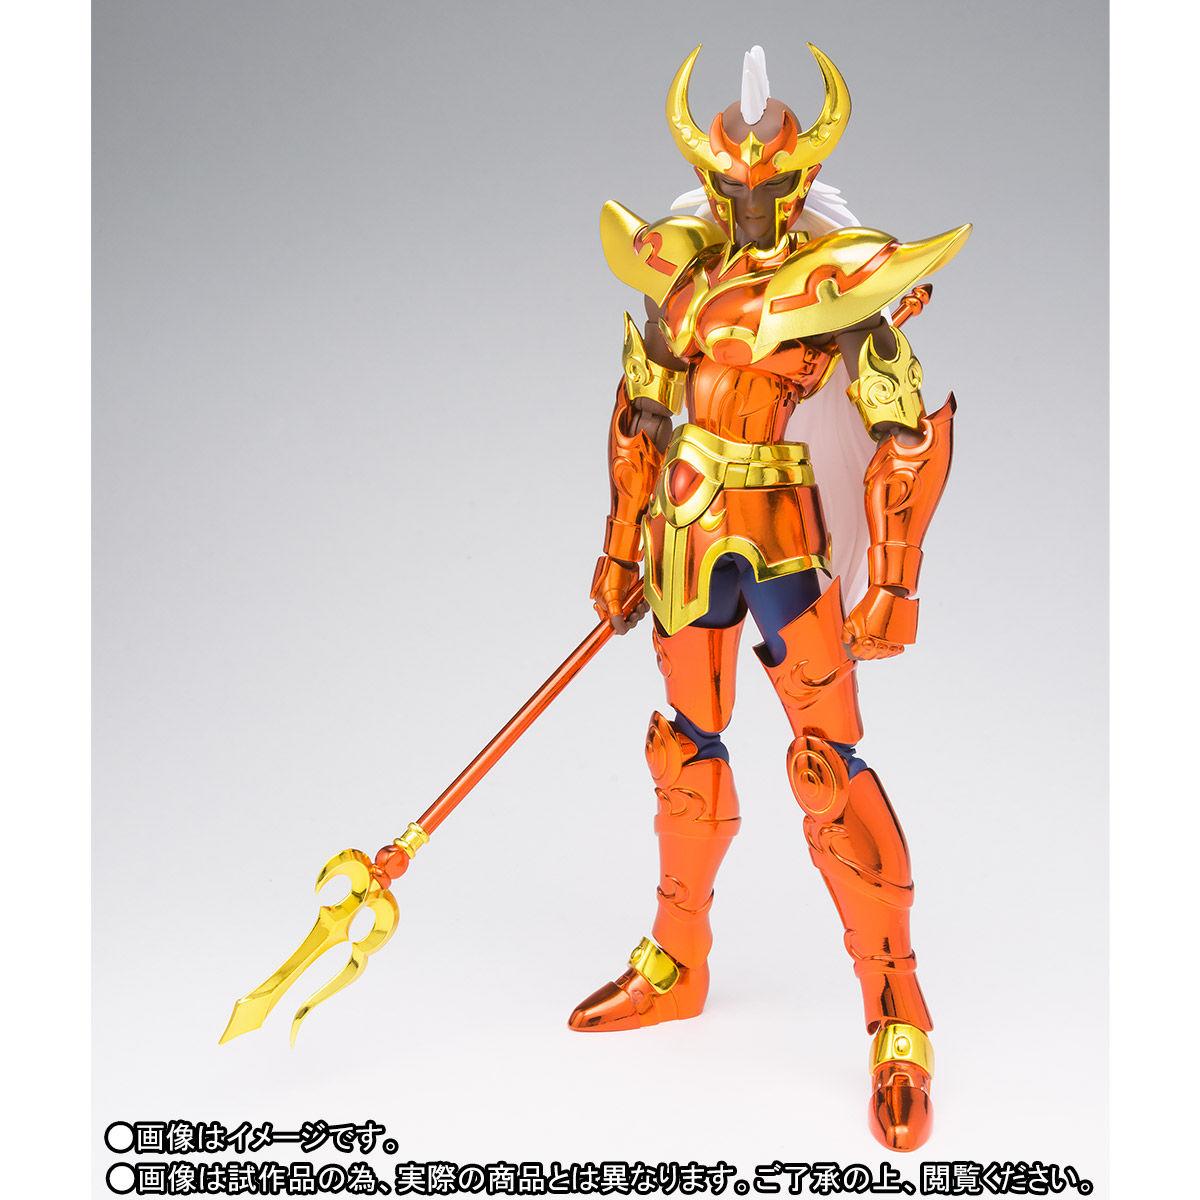 聖闘士聖衣神話EX『クリュサオル クリシュナ』アクションフィギュア-002